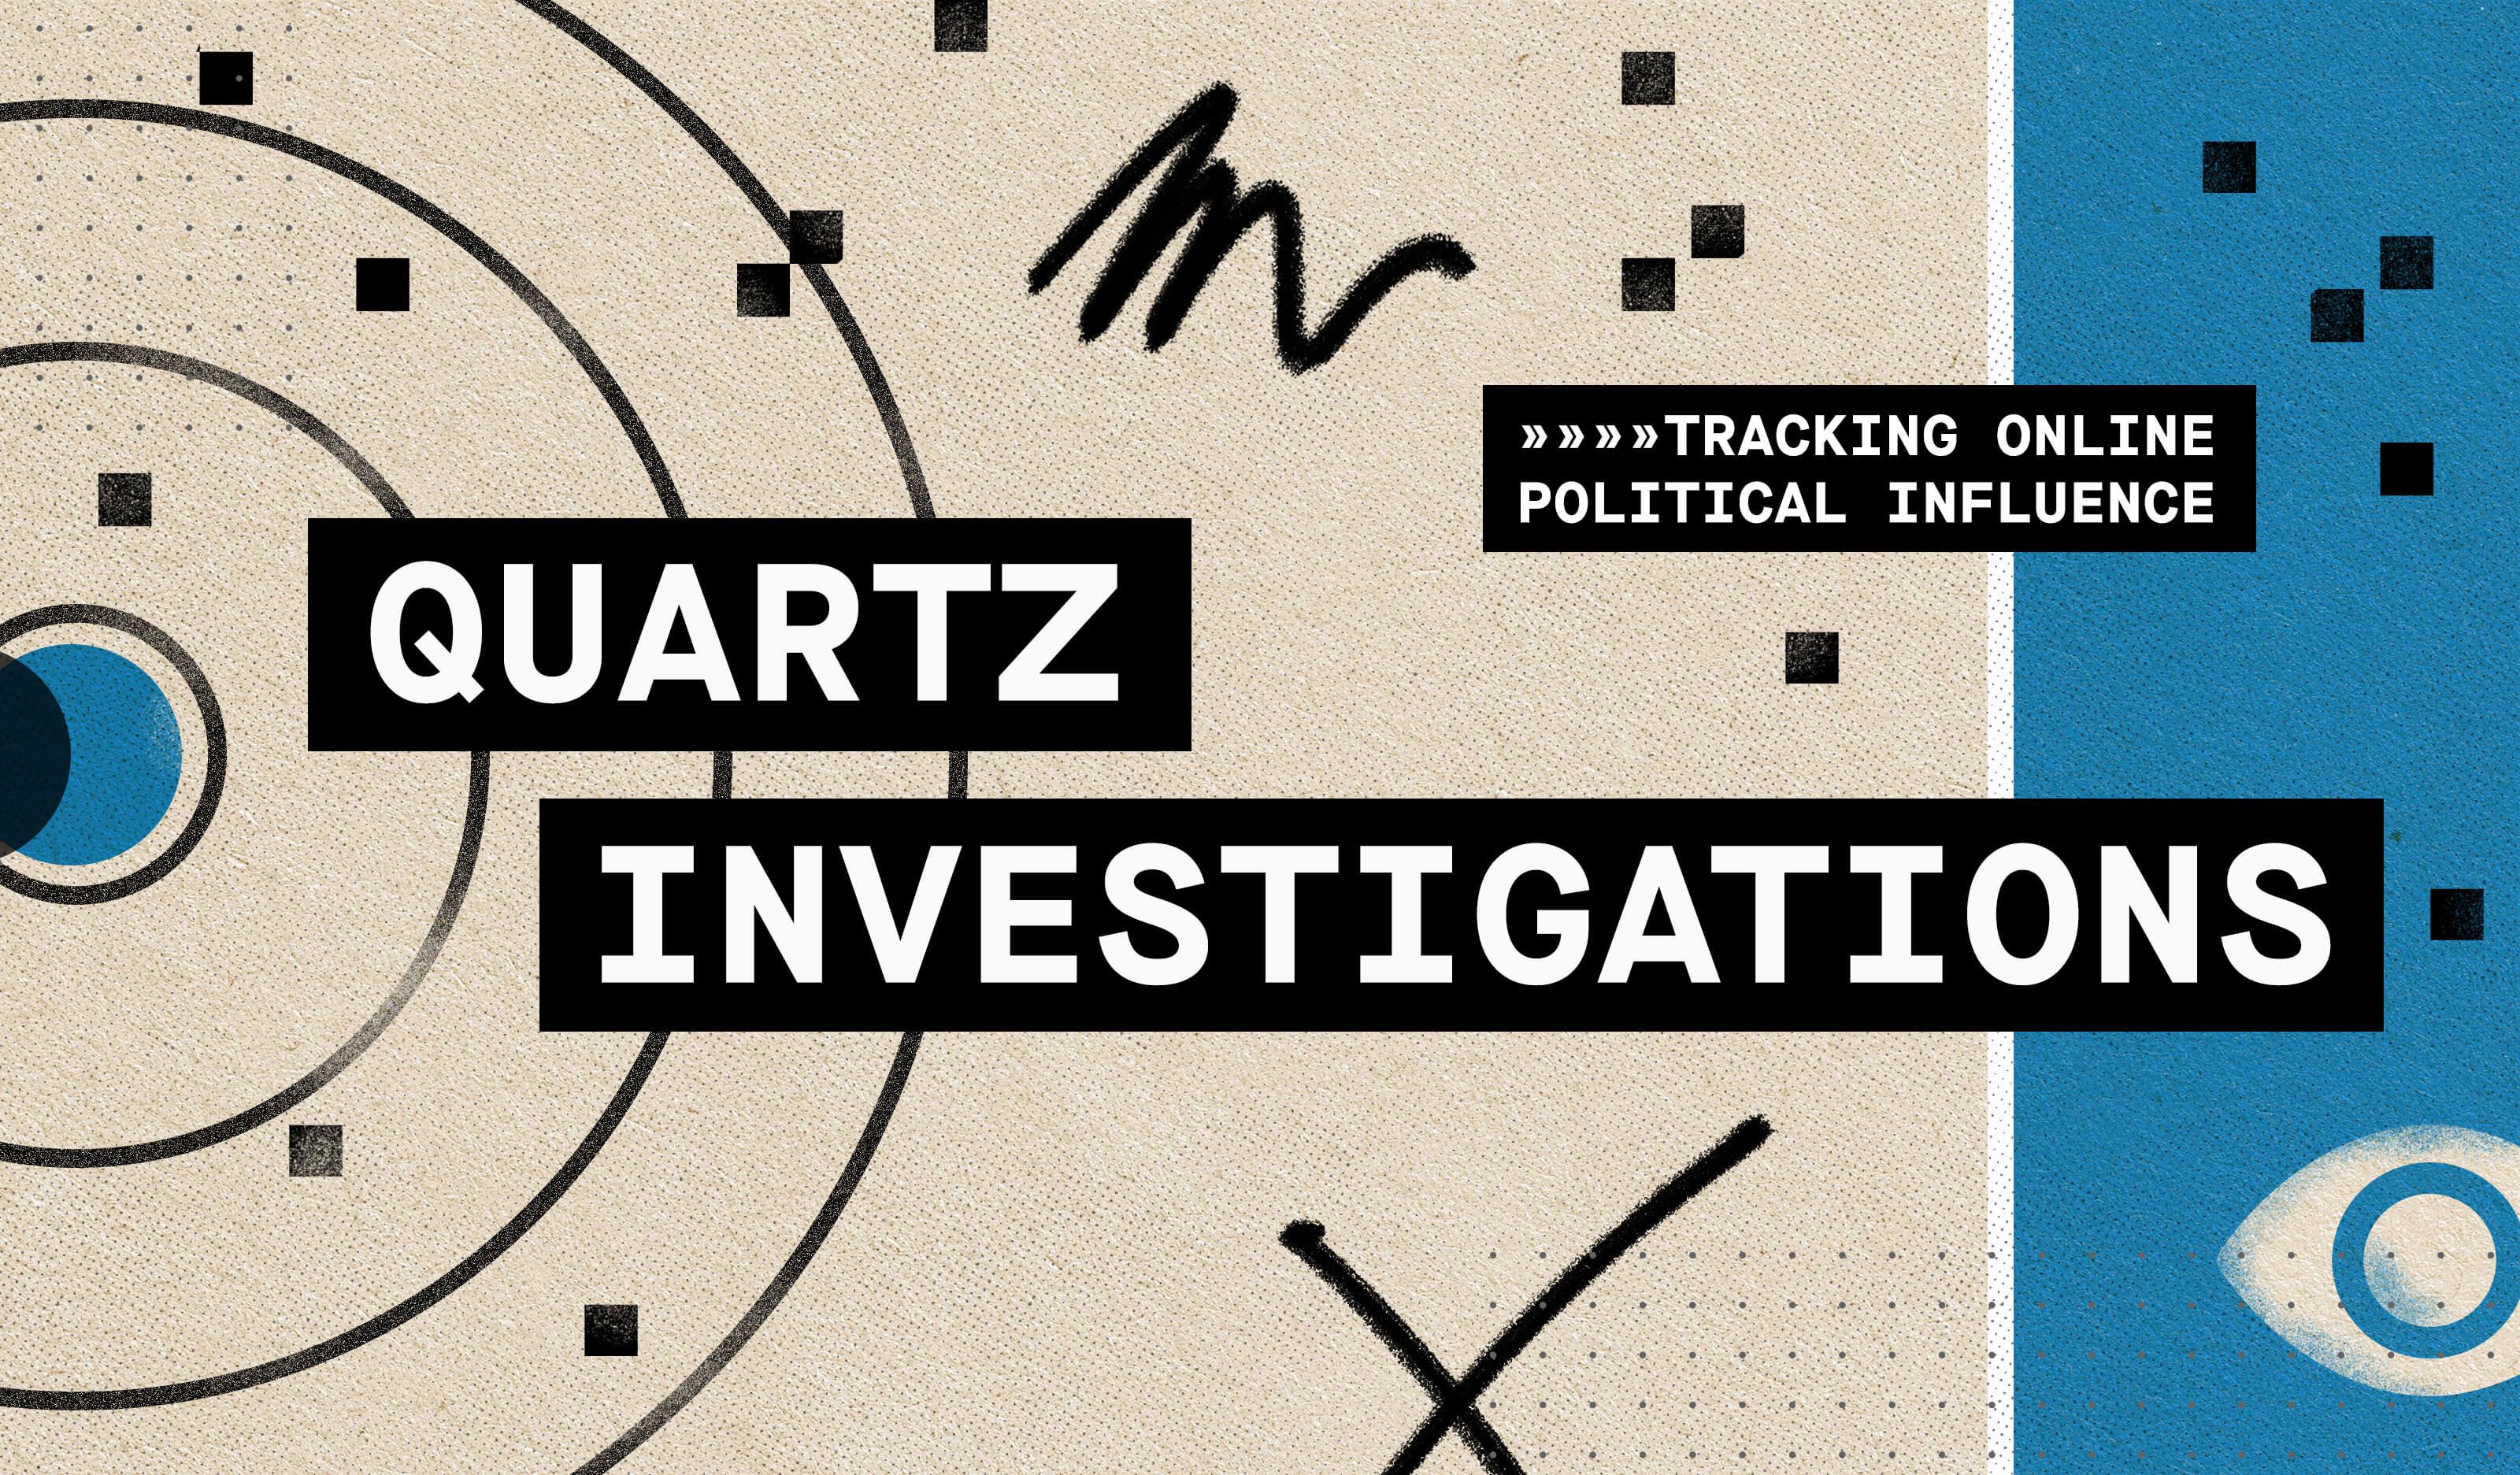 Quartz Investigations